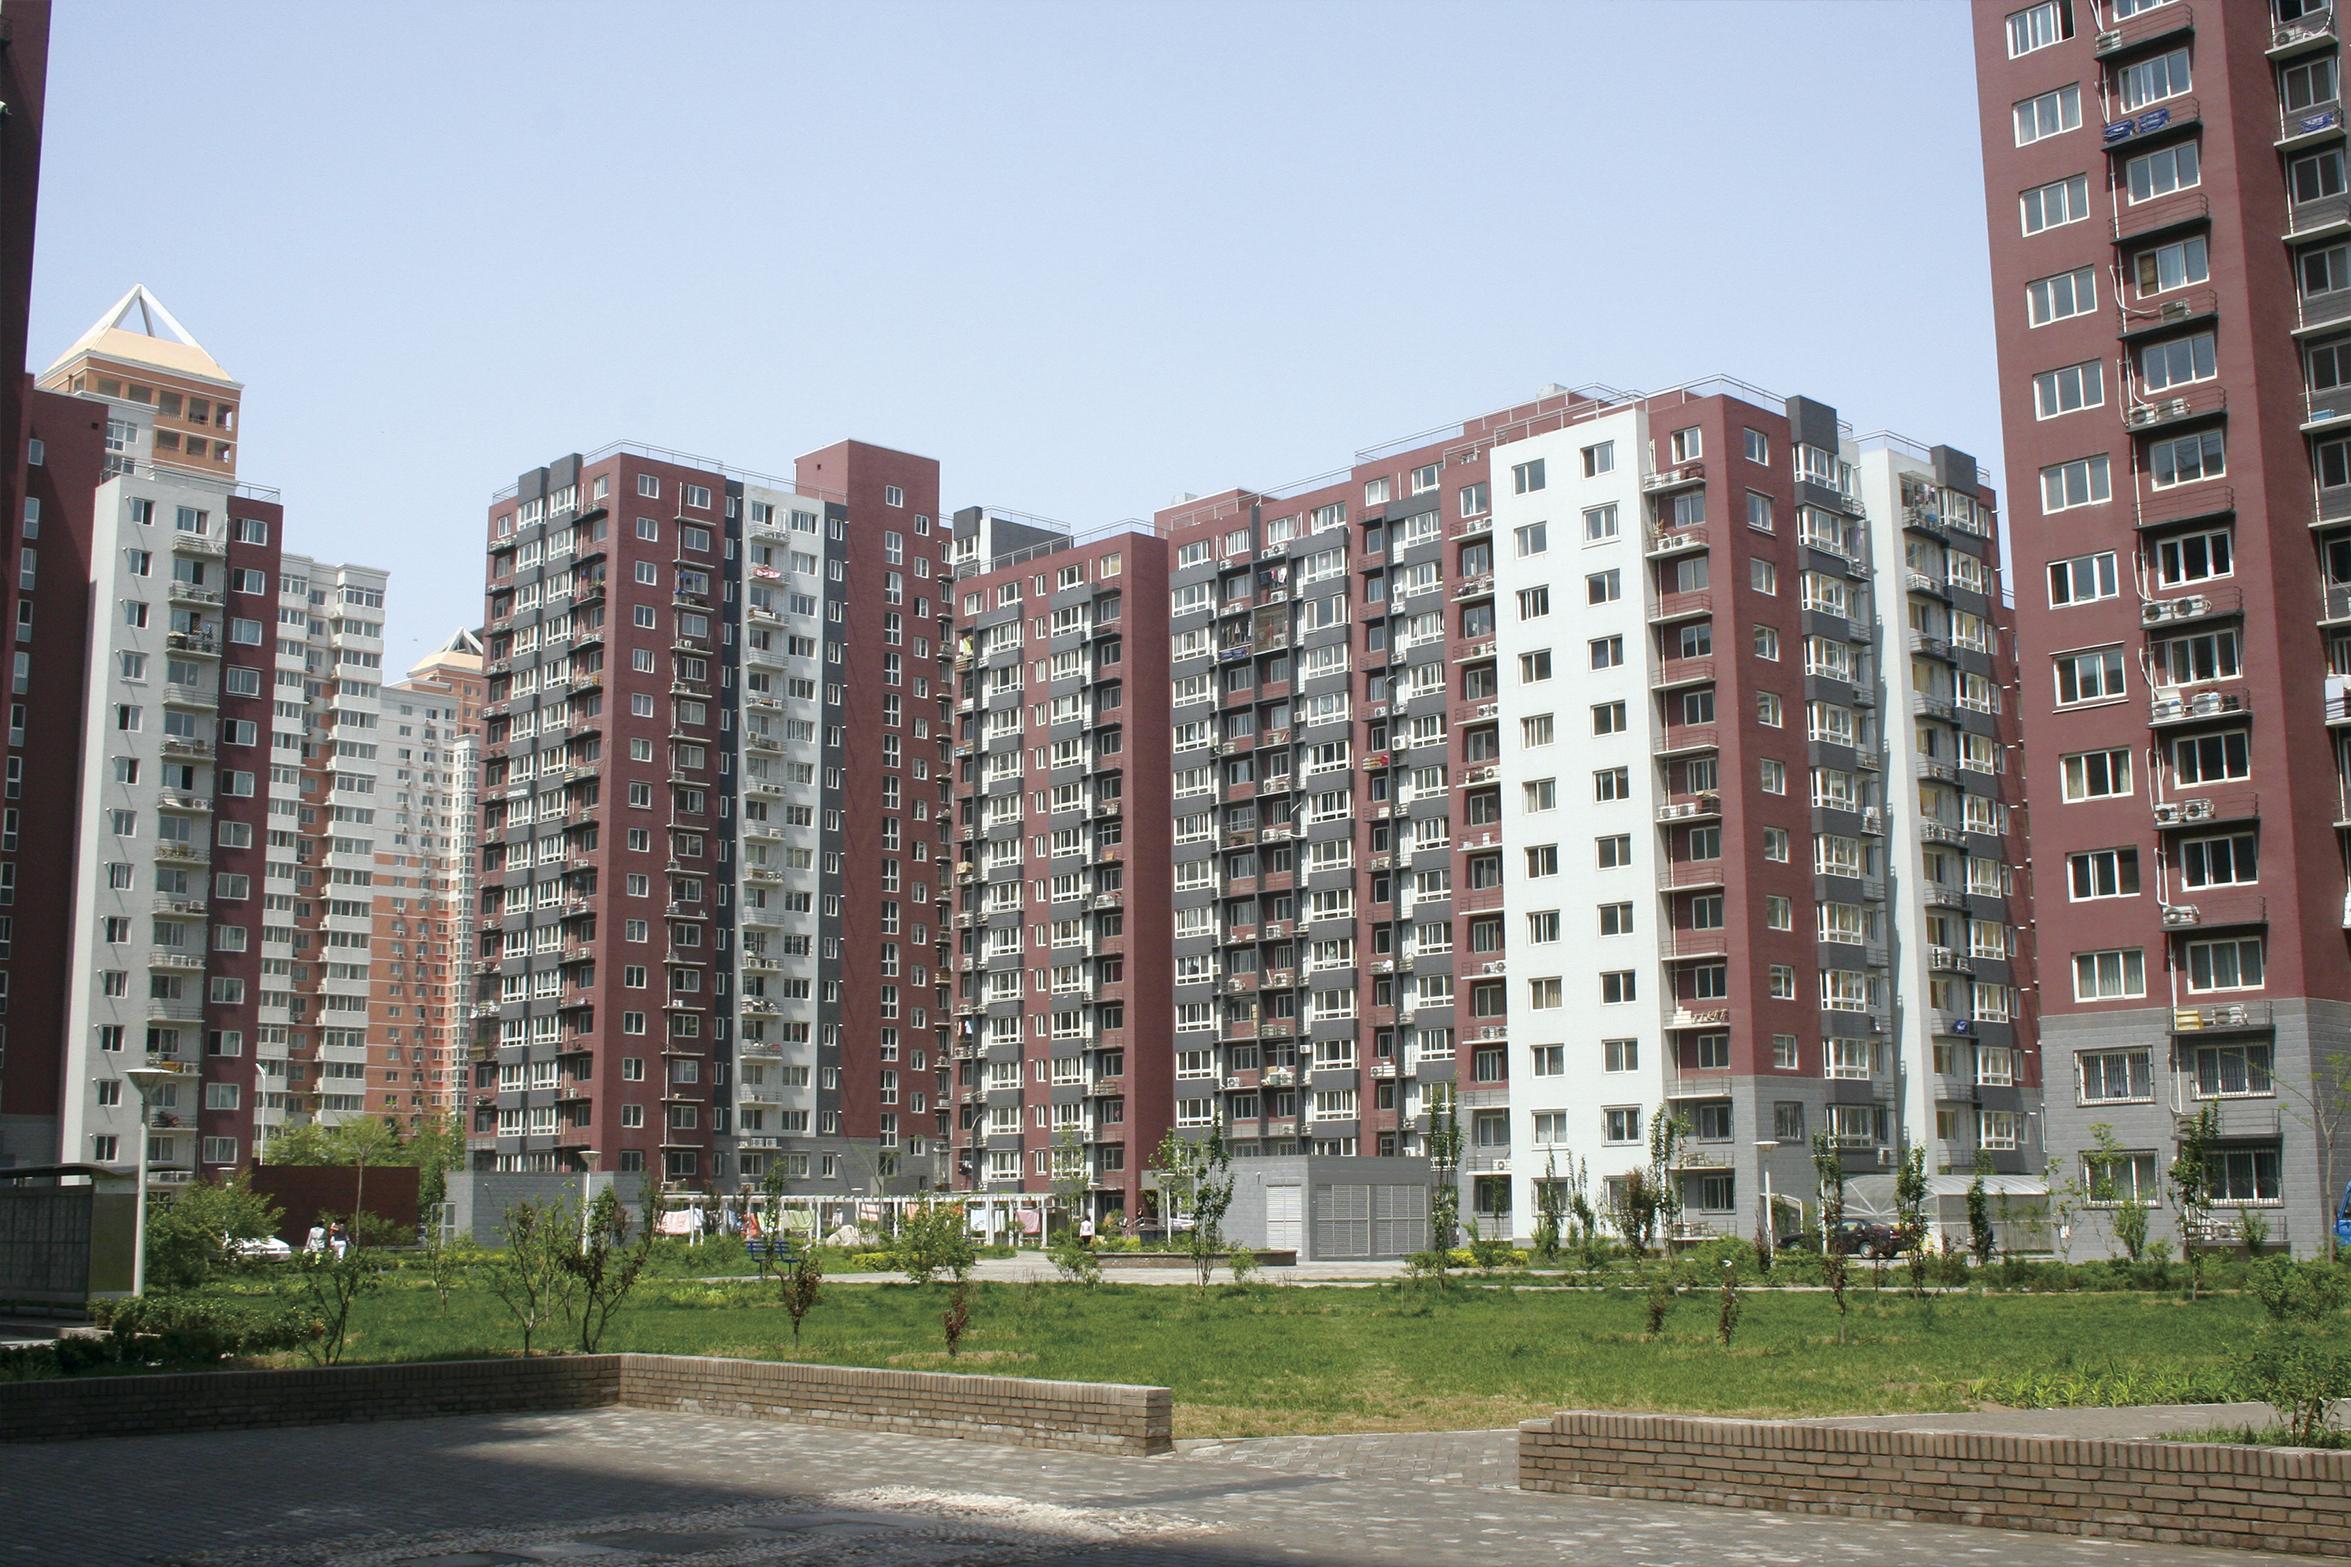 北京世纪风景住宅小区